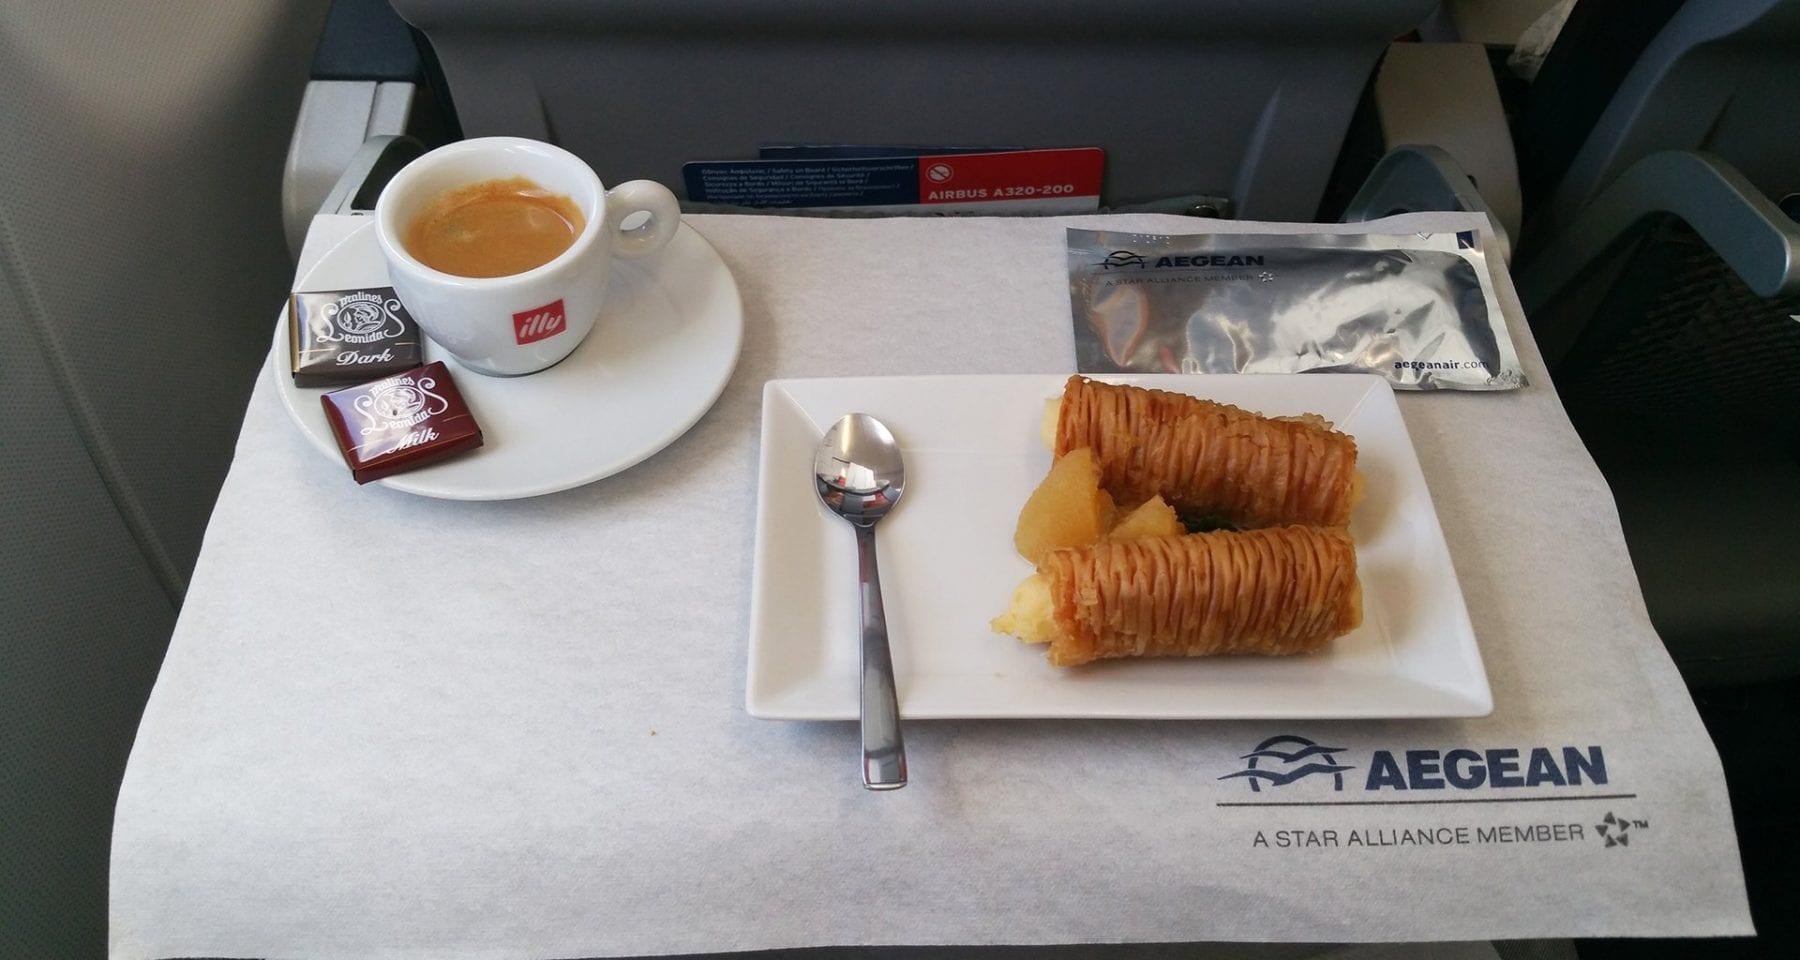 Aegean airlines business class dessert